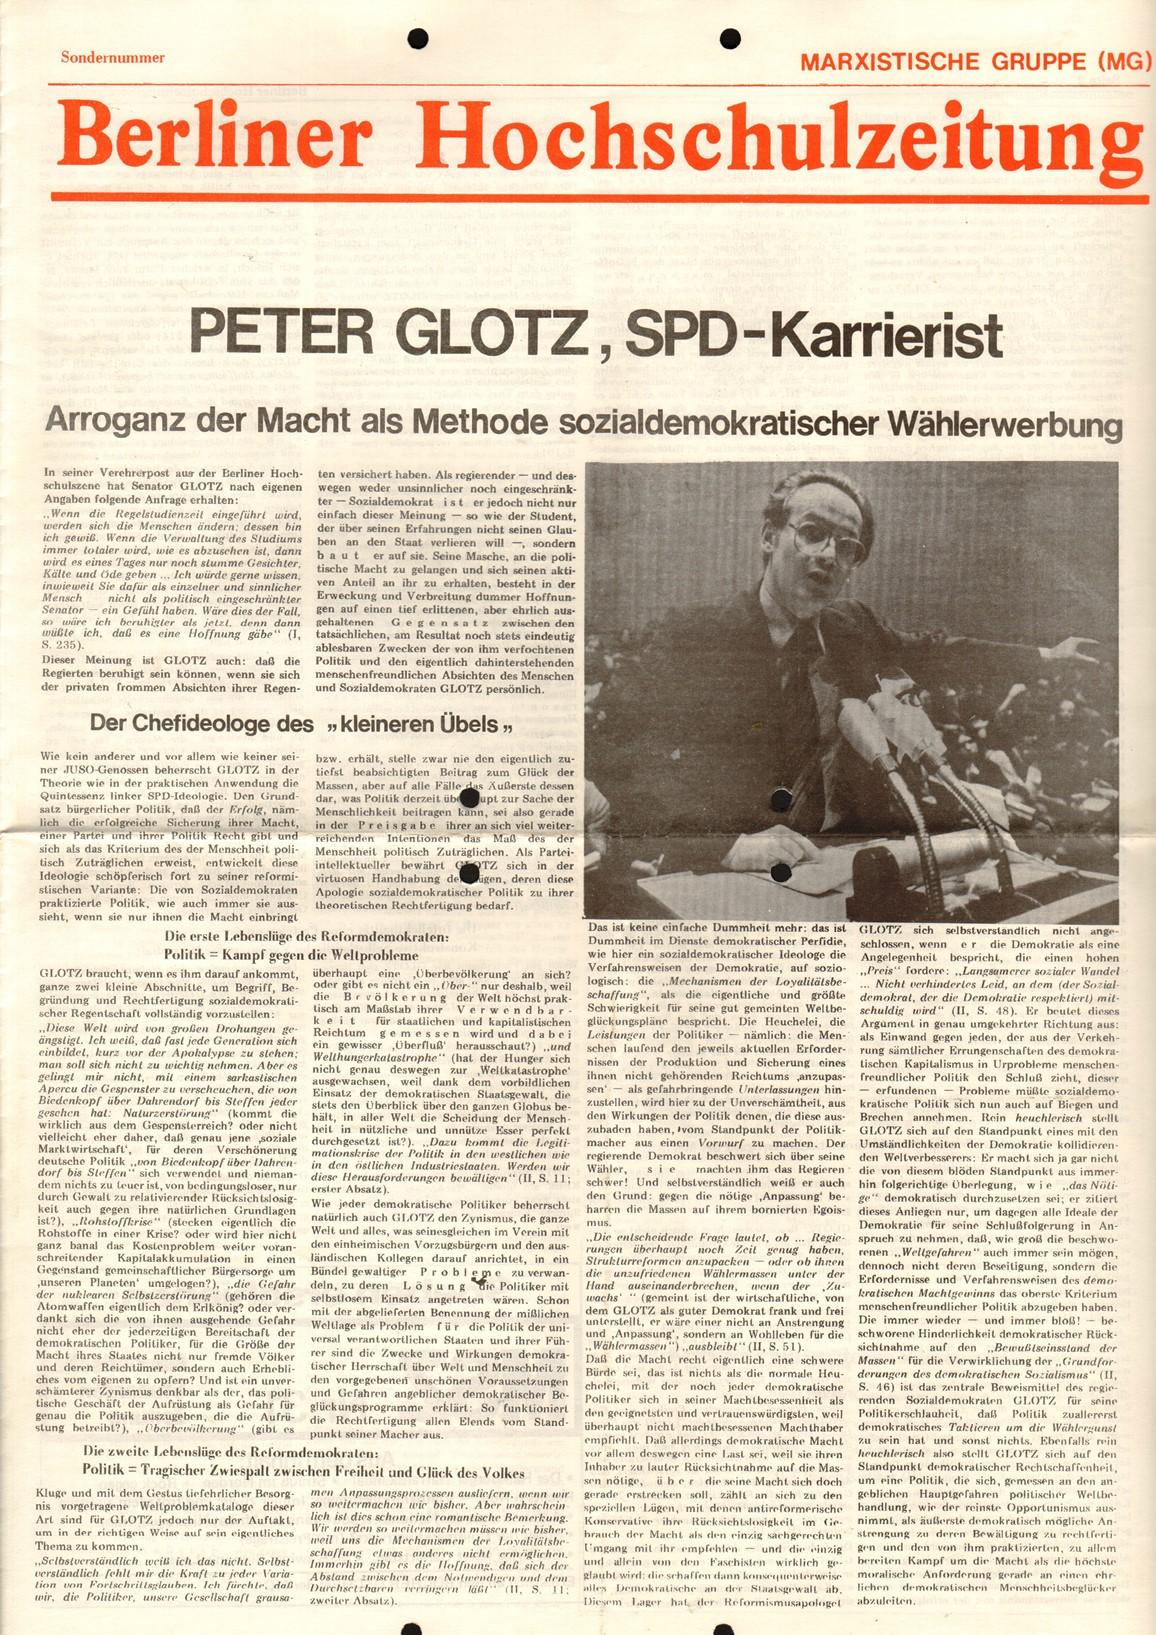 Berlin_MG_Hochschulzeitung_19791100_01